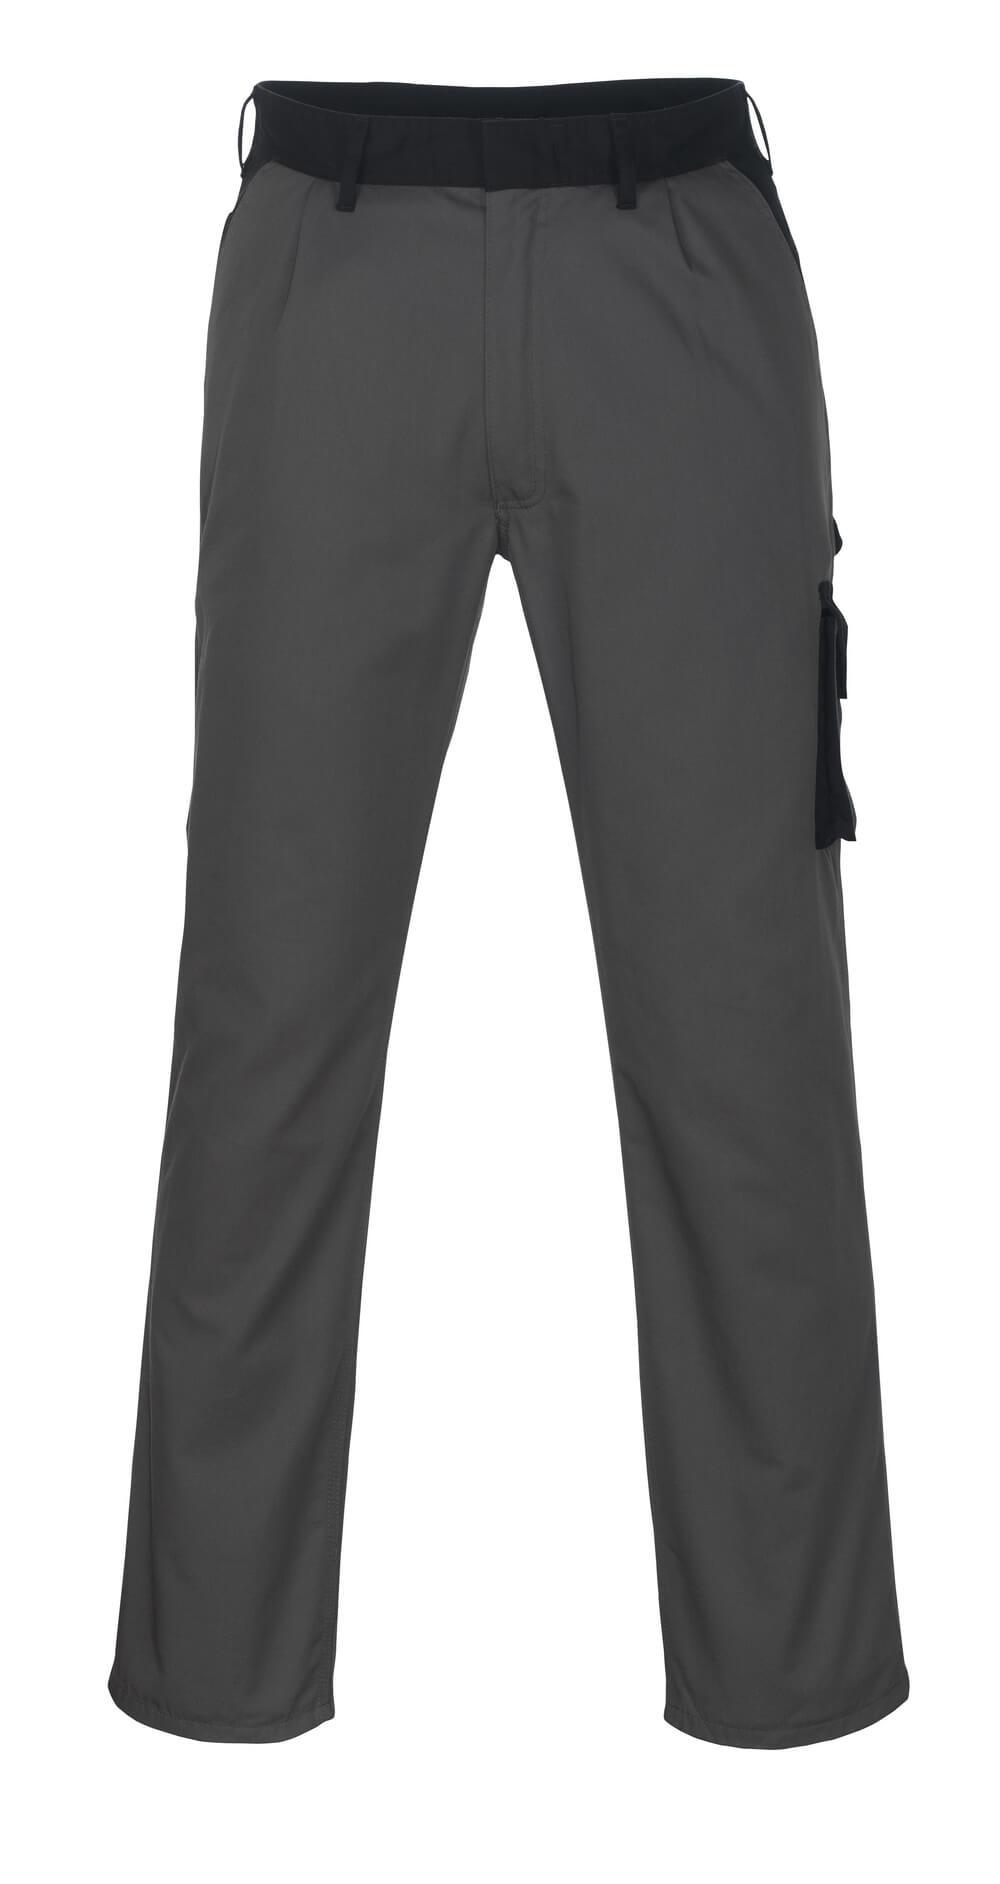 08779-442-8889 Pantalon avec poches cuisse - Anthracite/Noir